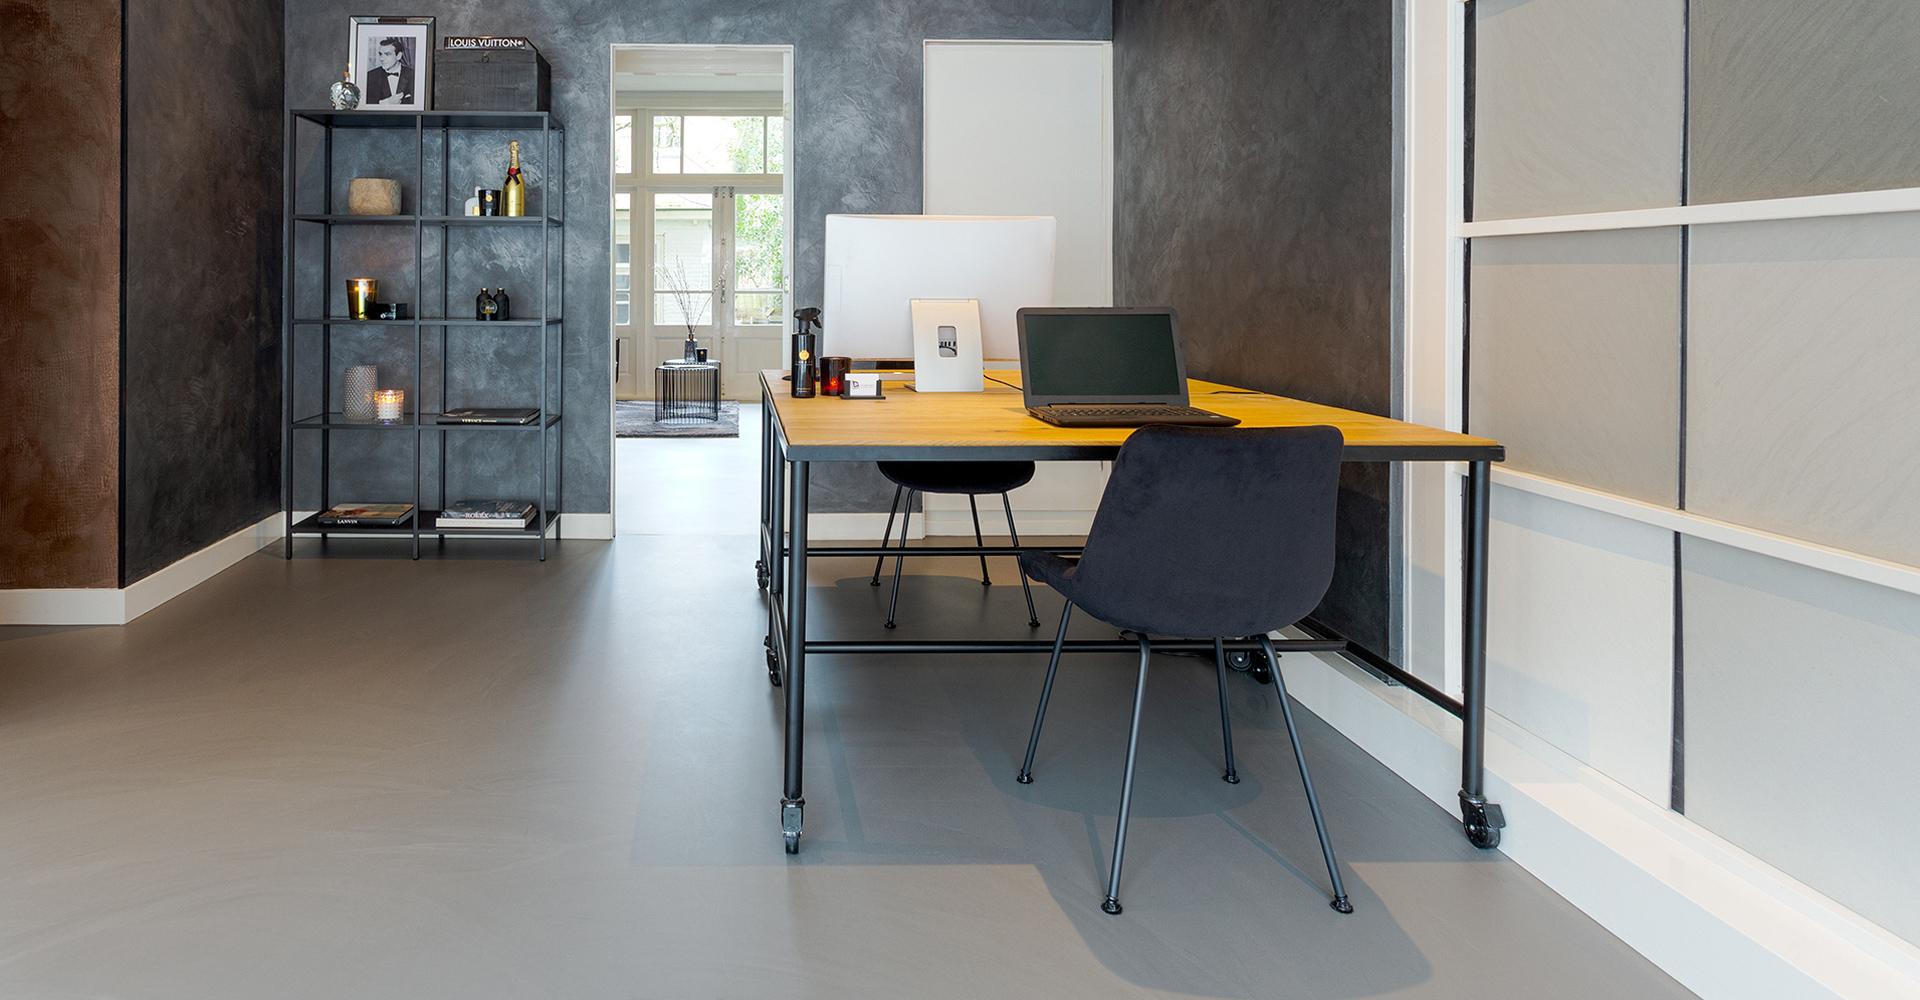 Gietvloer showroom G-vloeren betonlook gietvloer